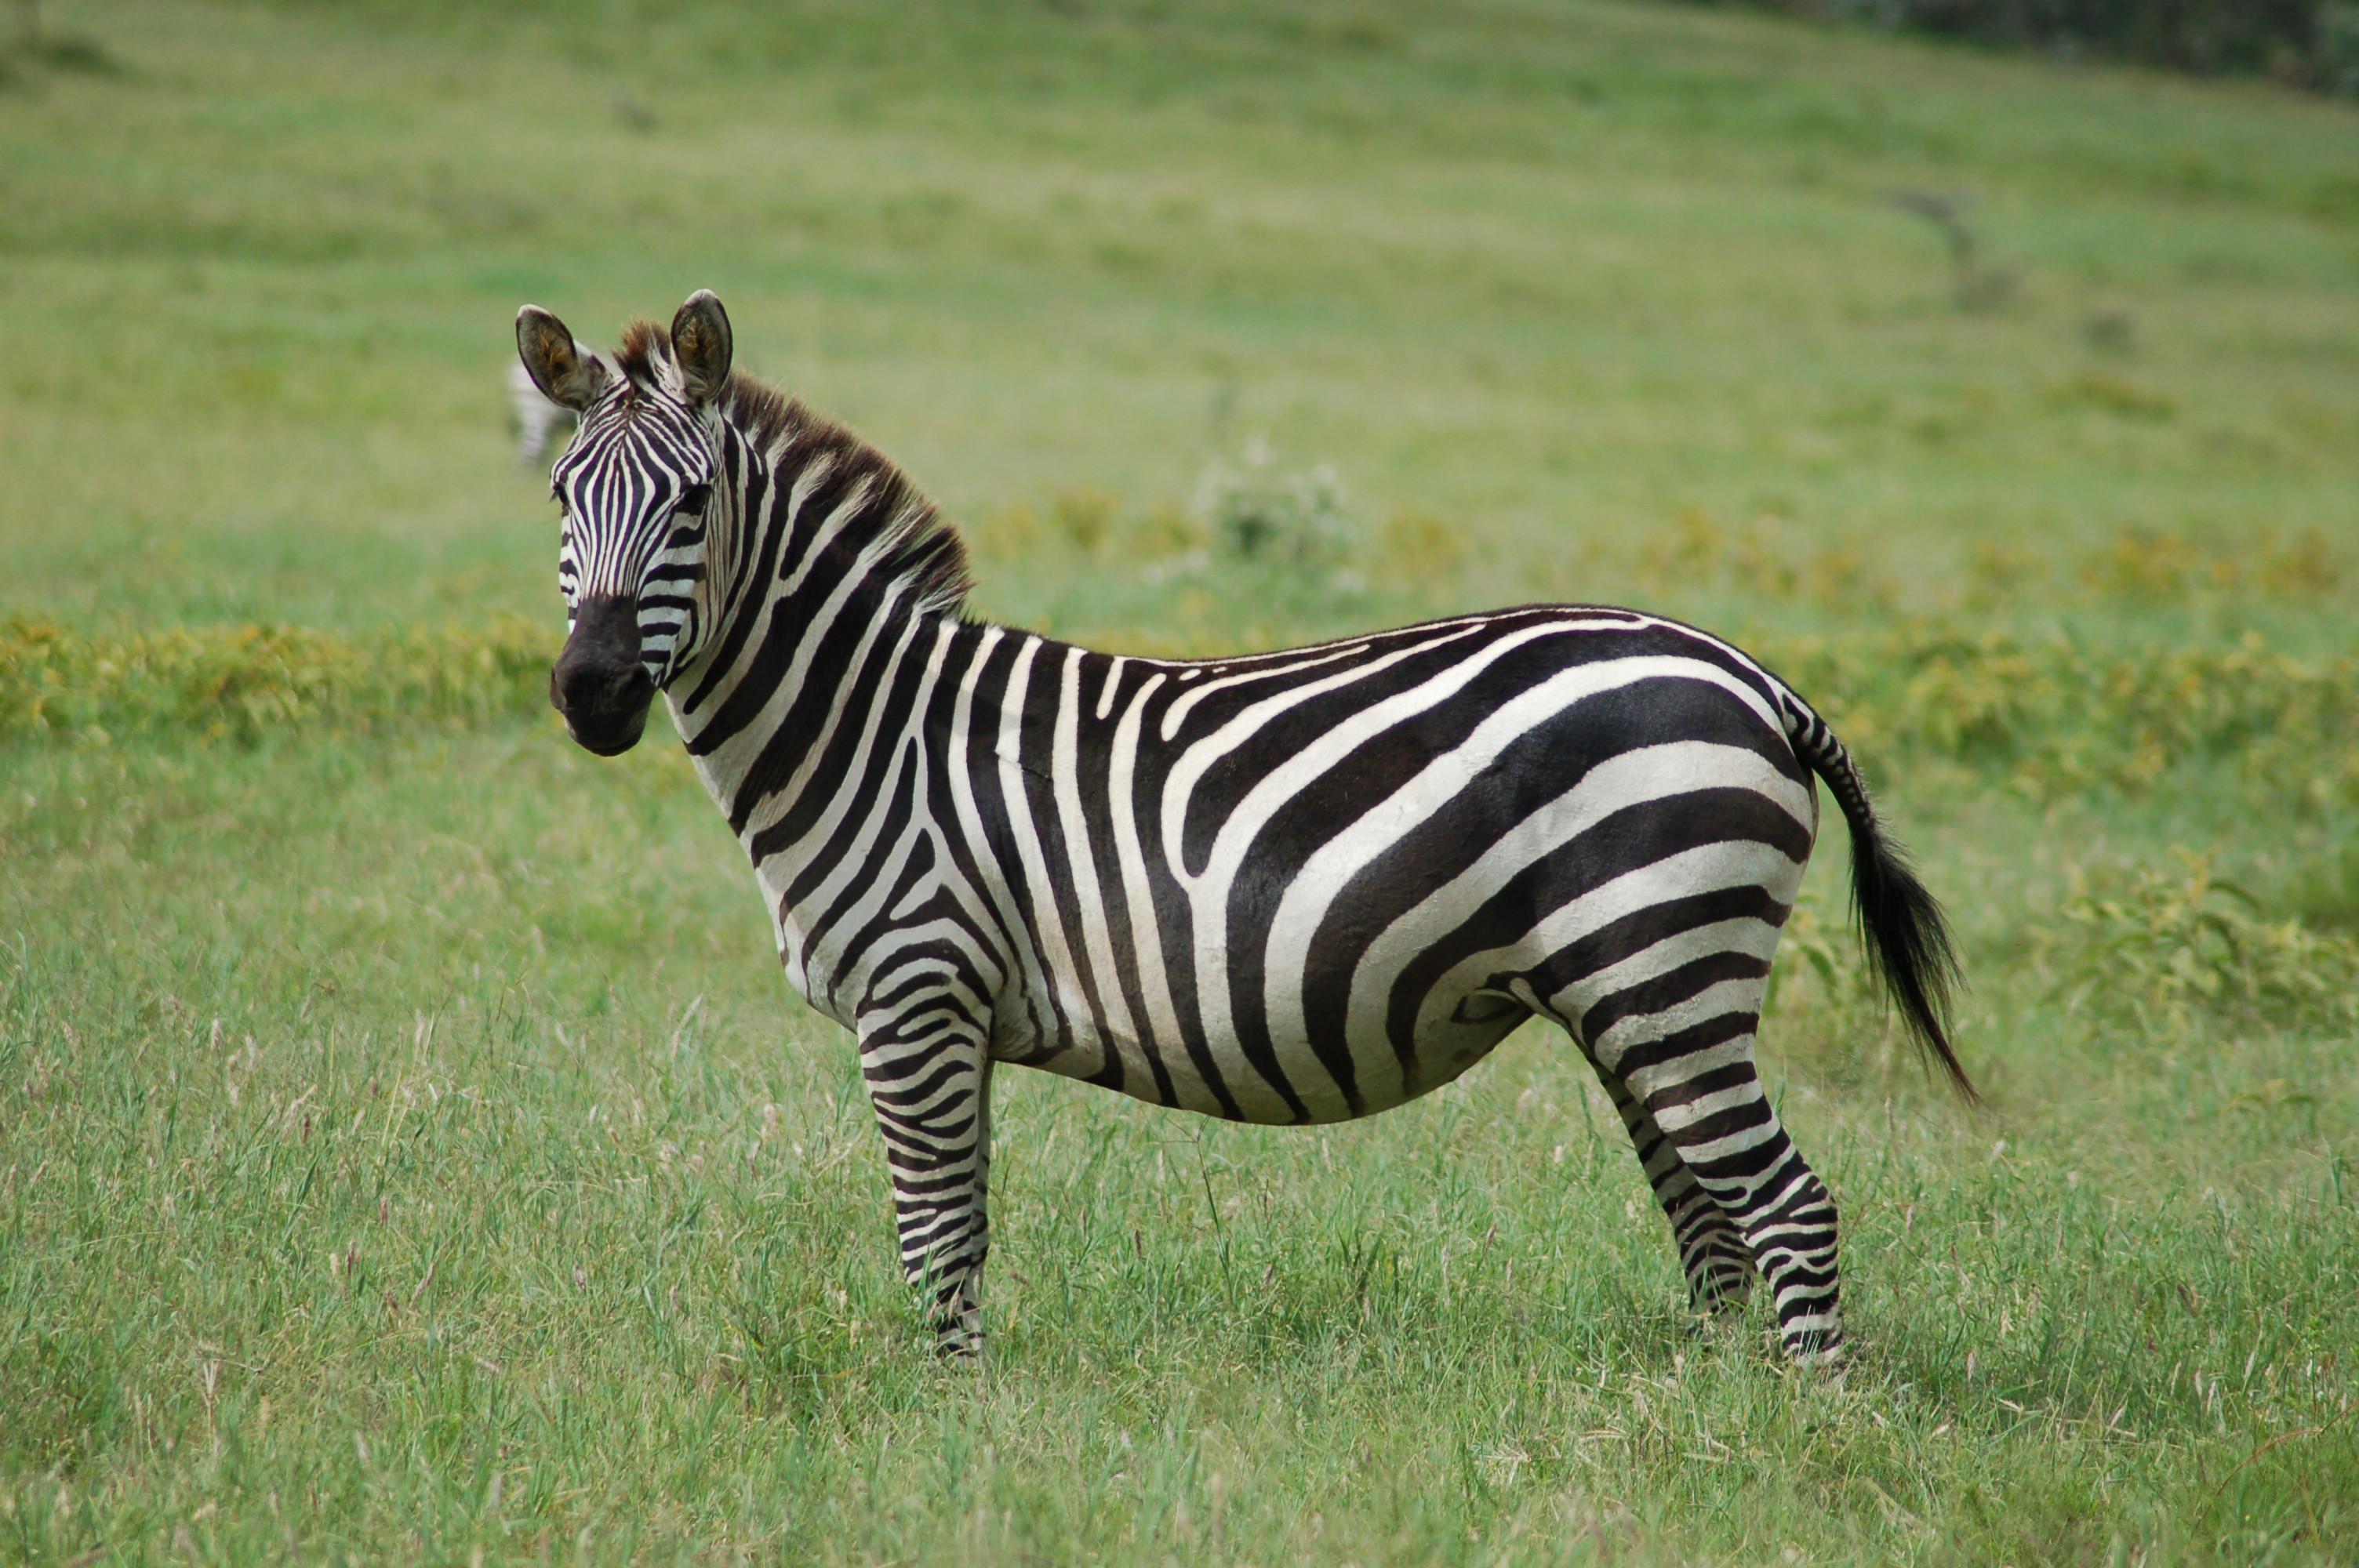 equus zebra pictures image